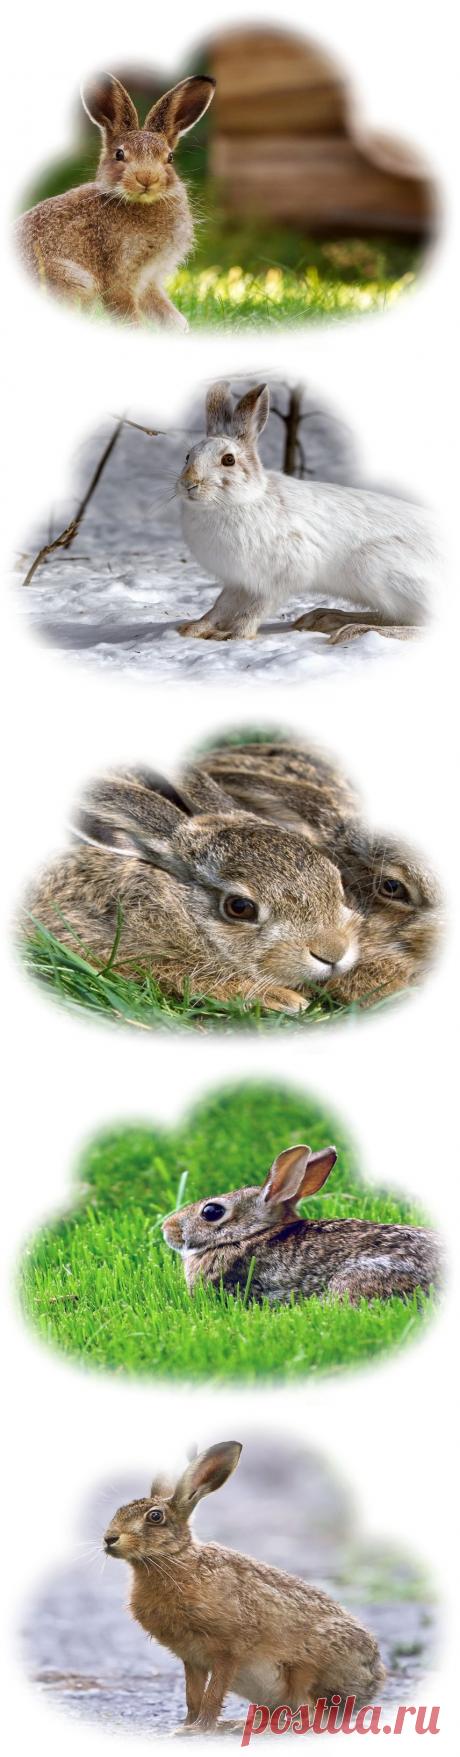 Сонник — К чему снятся Зайцы? Что означает сон про зайца?